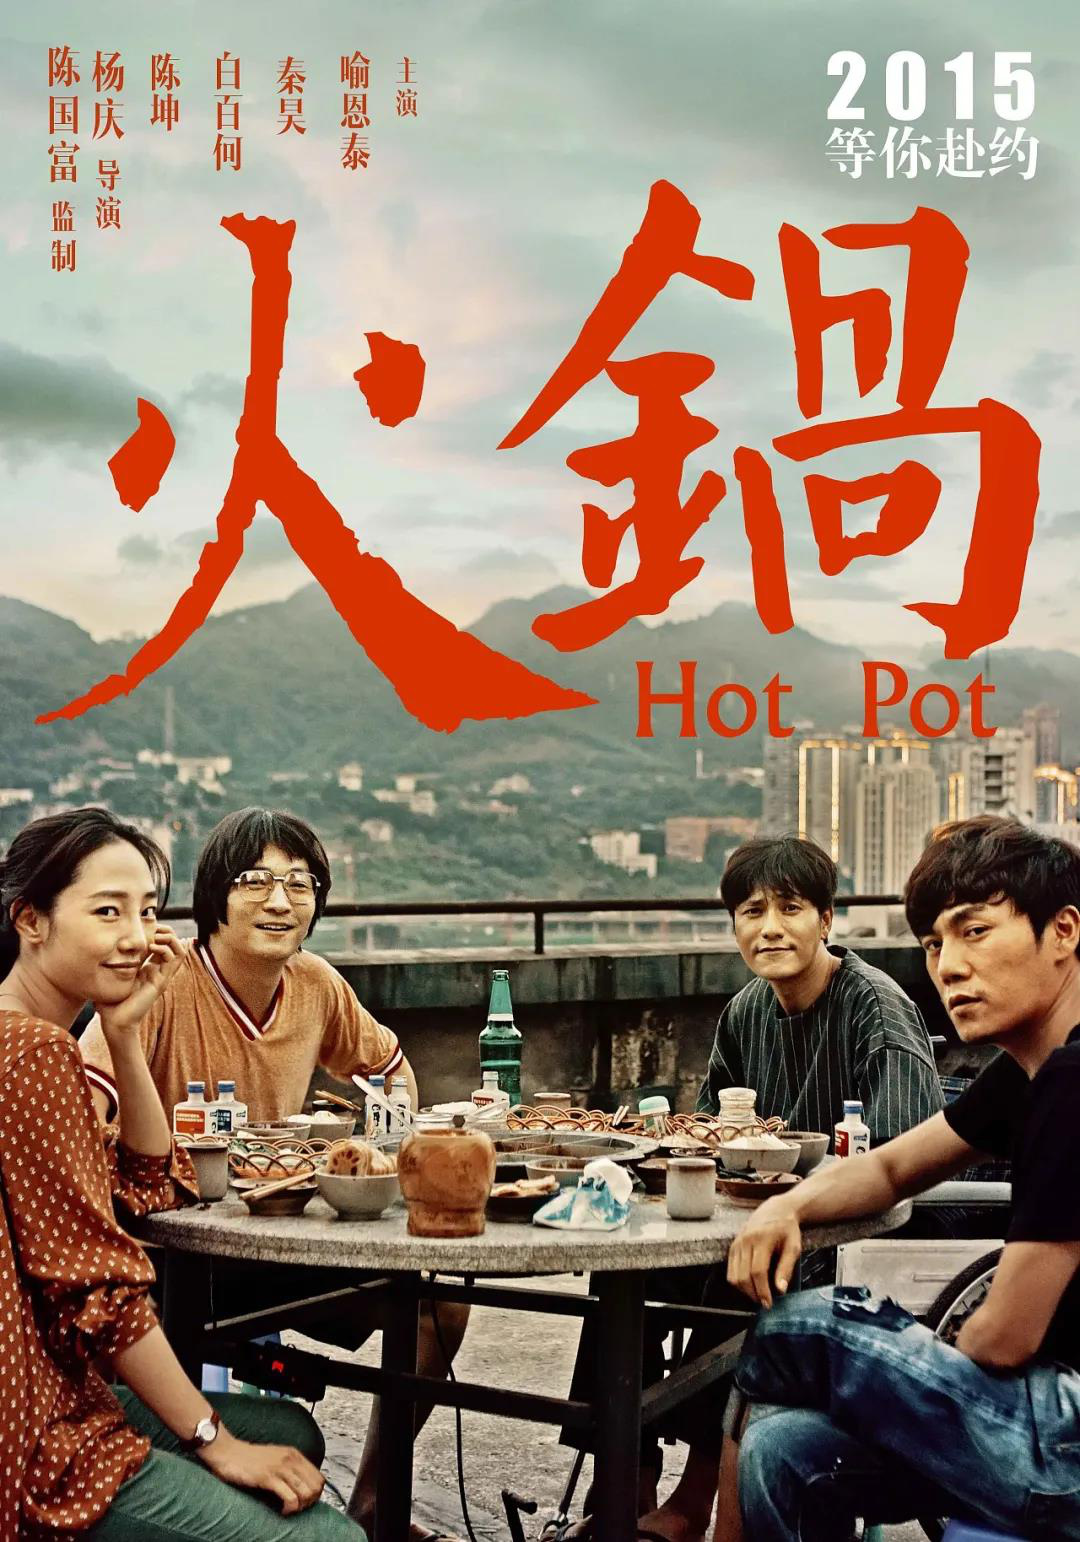 地方口音也是戏!欣赏中国电影中的西南莽语